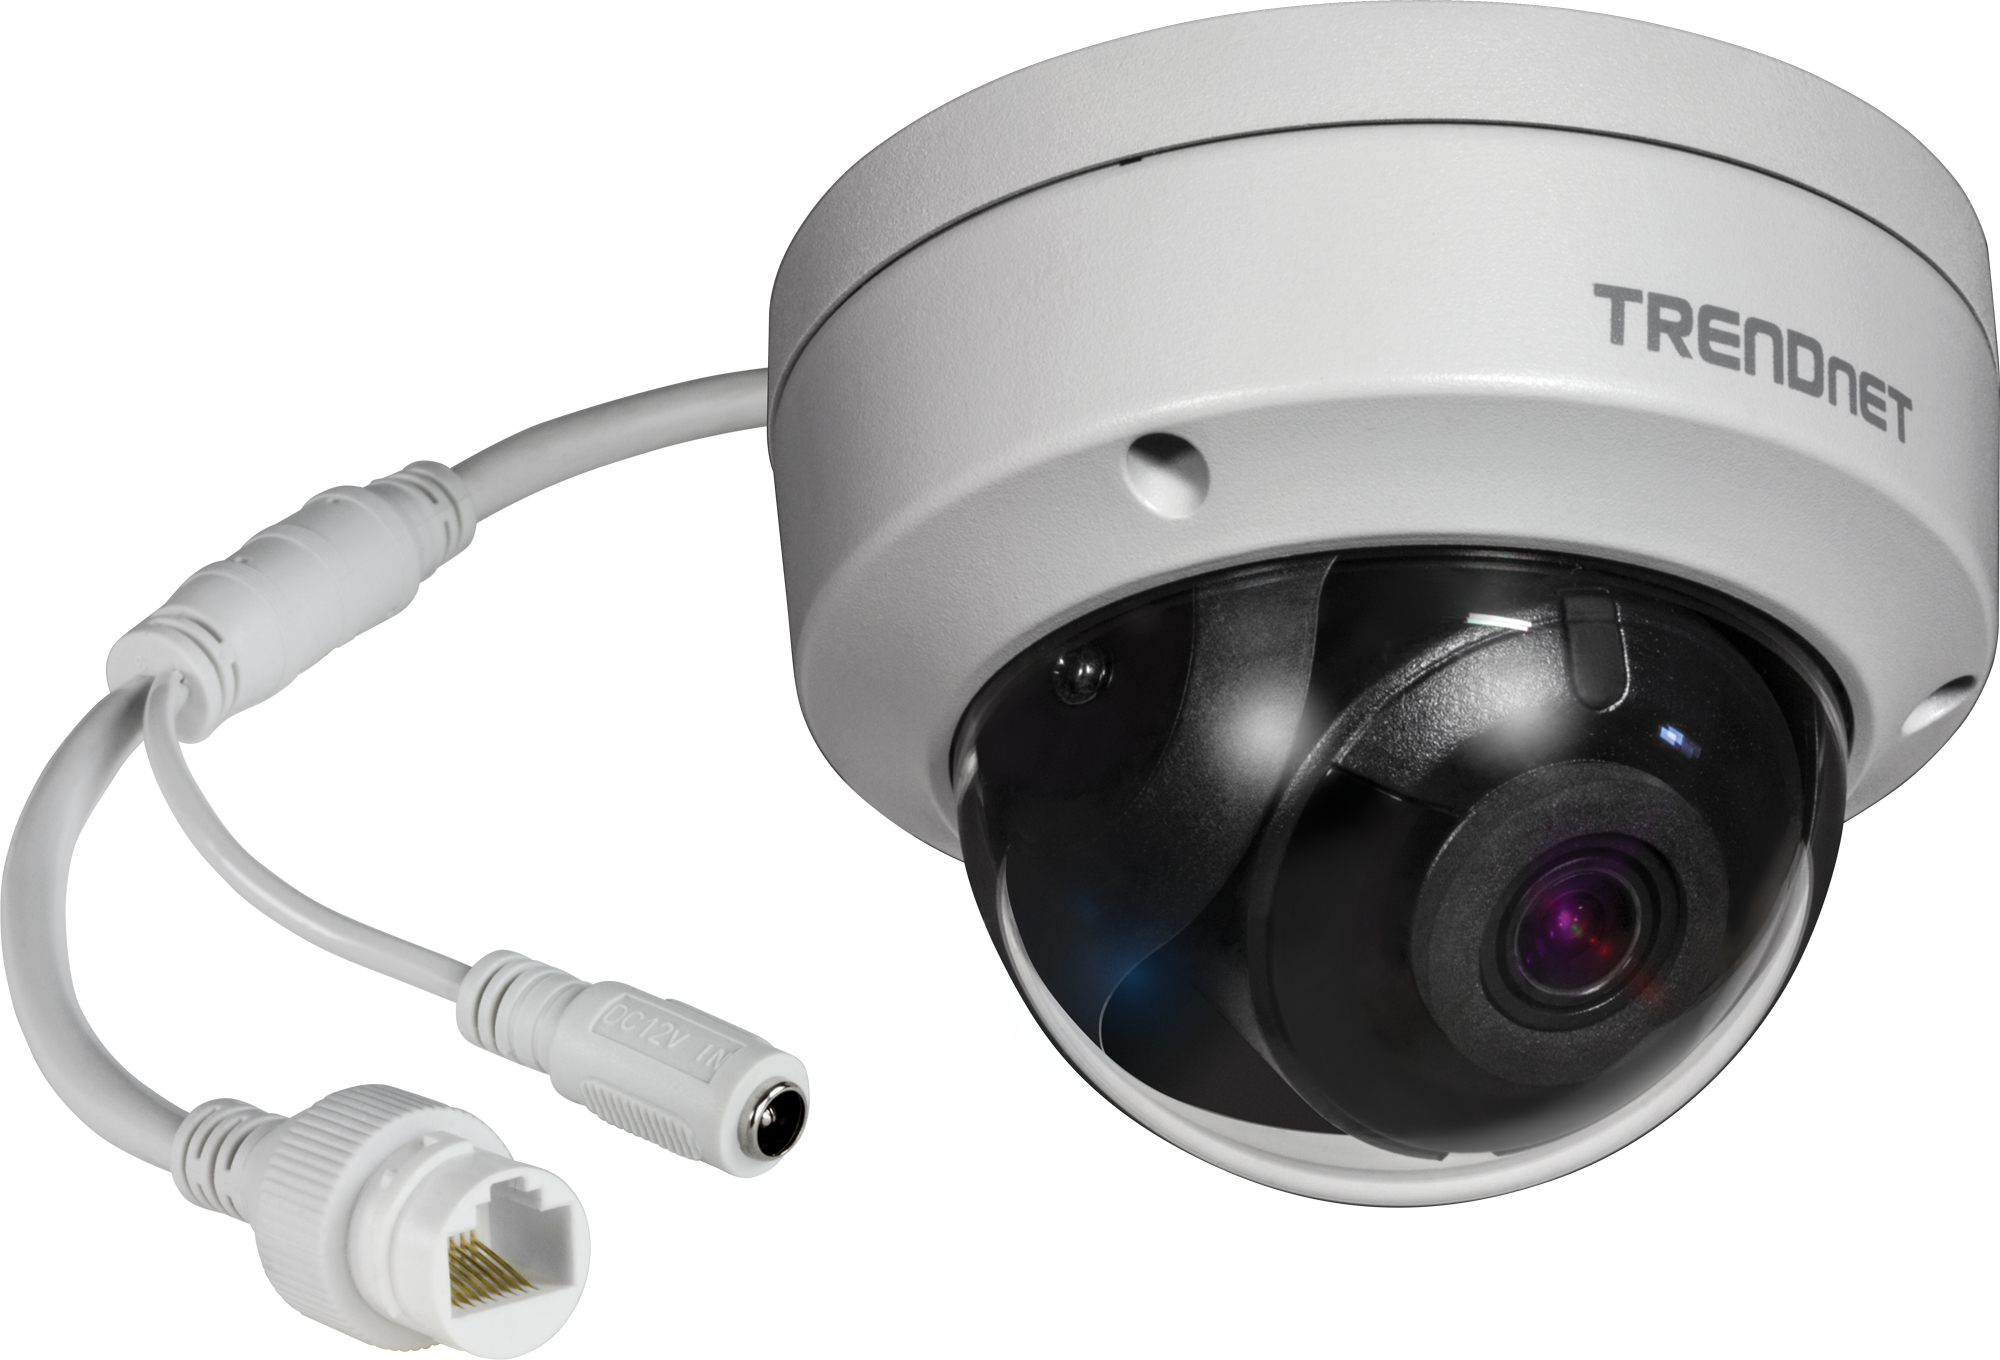 Tv-ip317pi Cámara De Seguridad Ip Interior Y Exterior Almohadilla Negro, Plata Cámara De Vigilancia